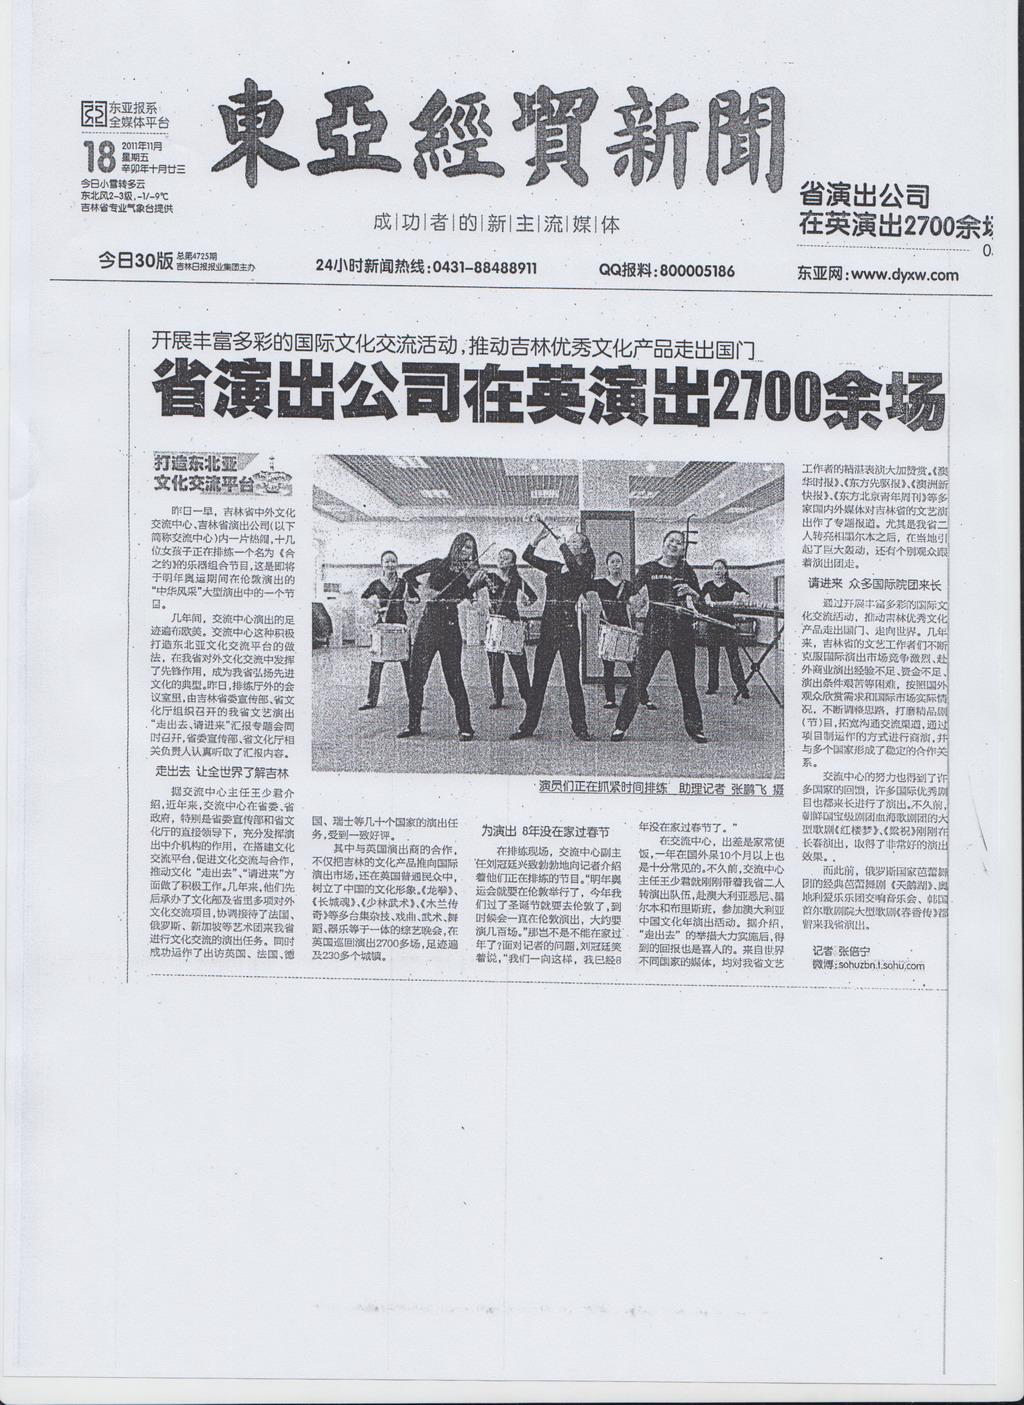 媒体报道剪报_13